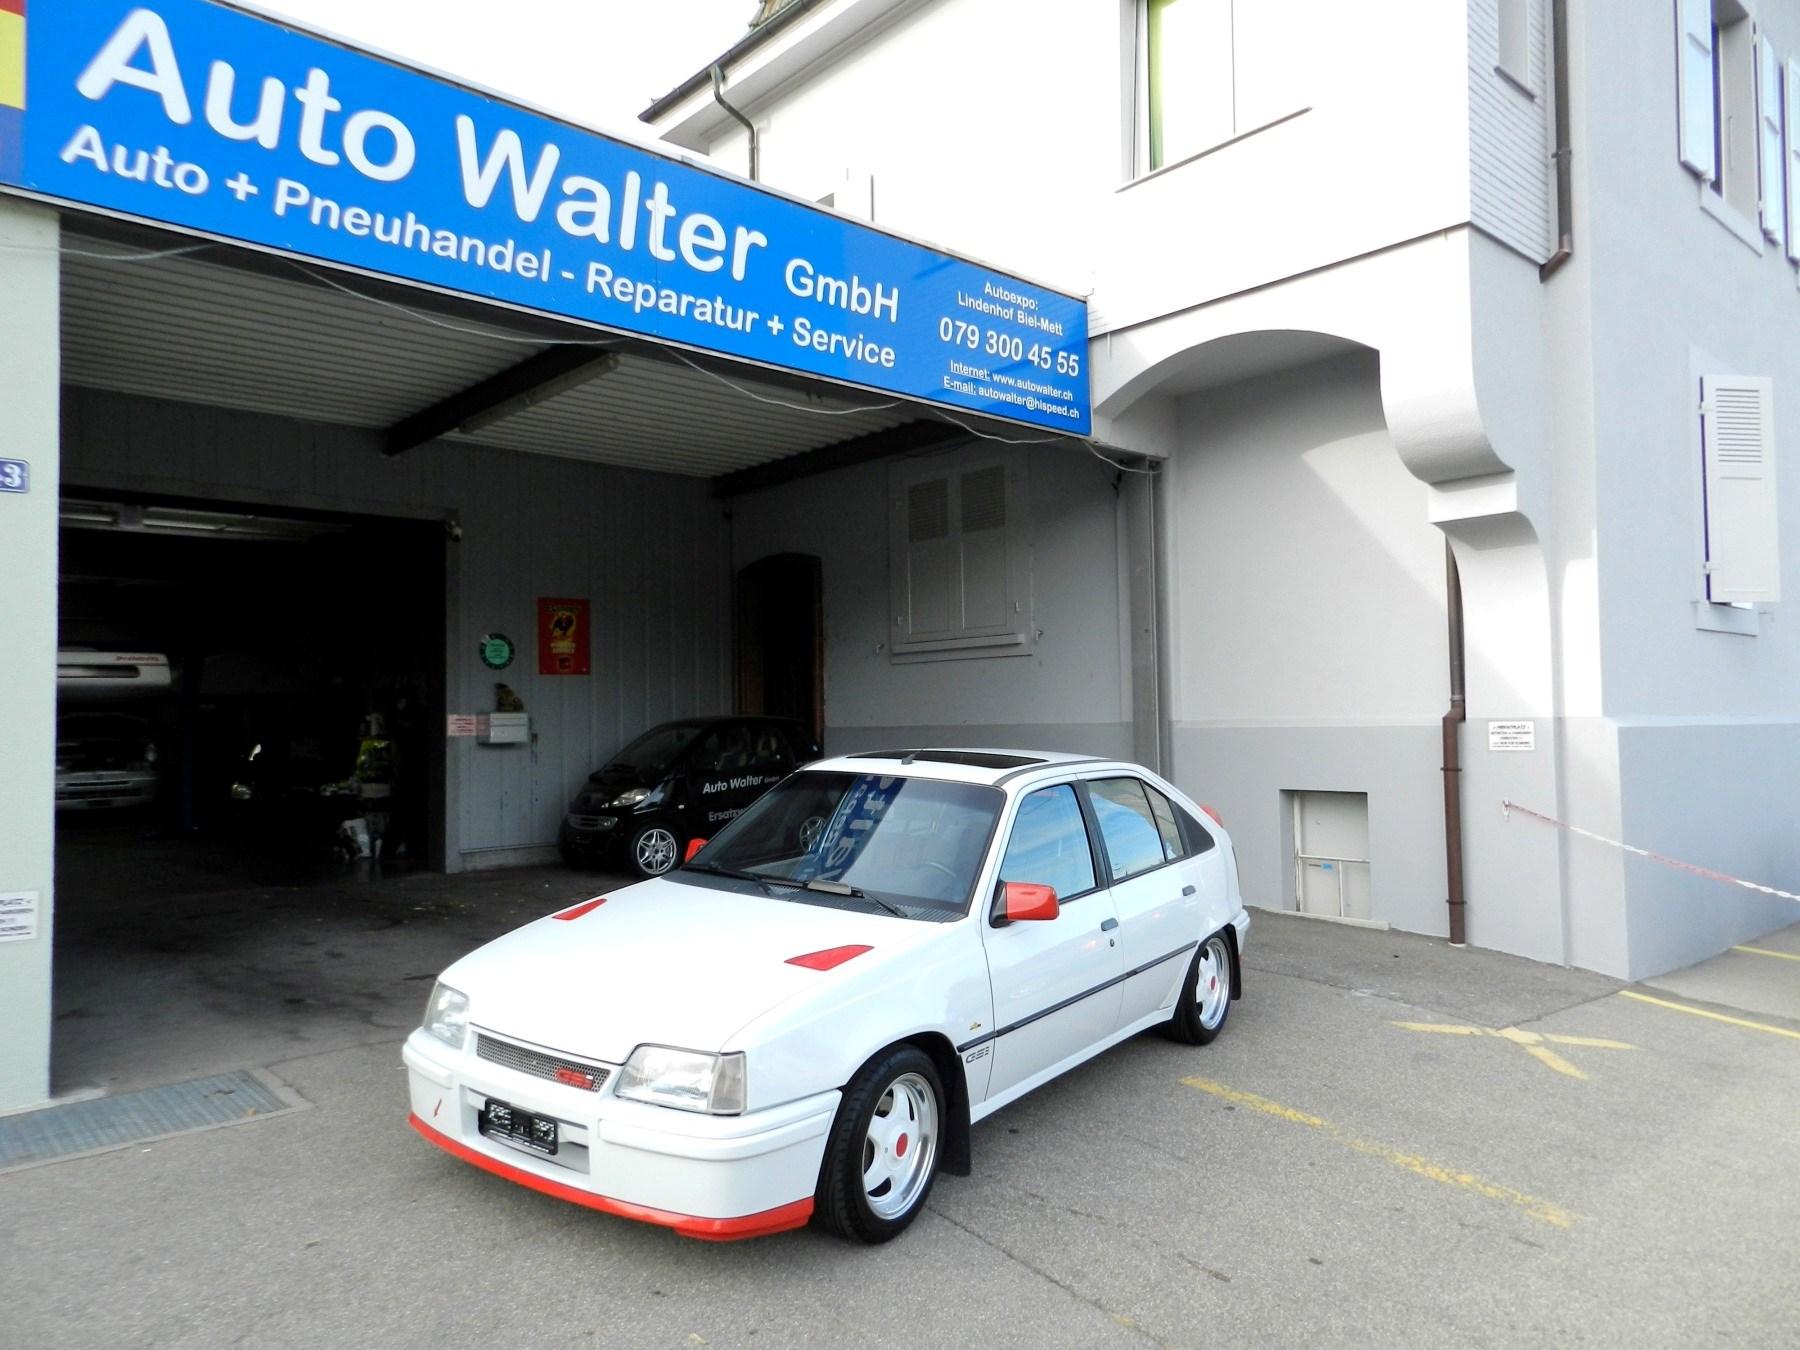 saloon Opel Kadett 2000i GSi